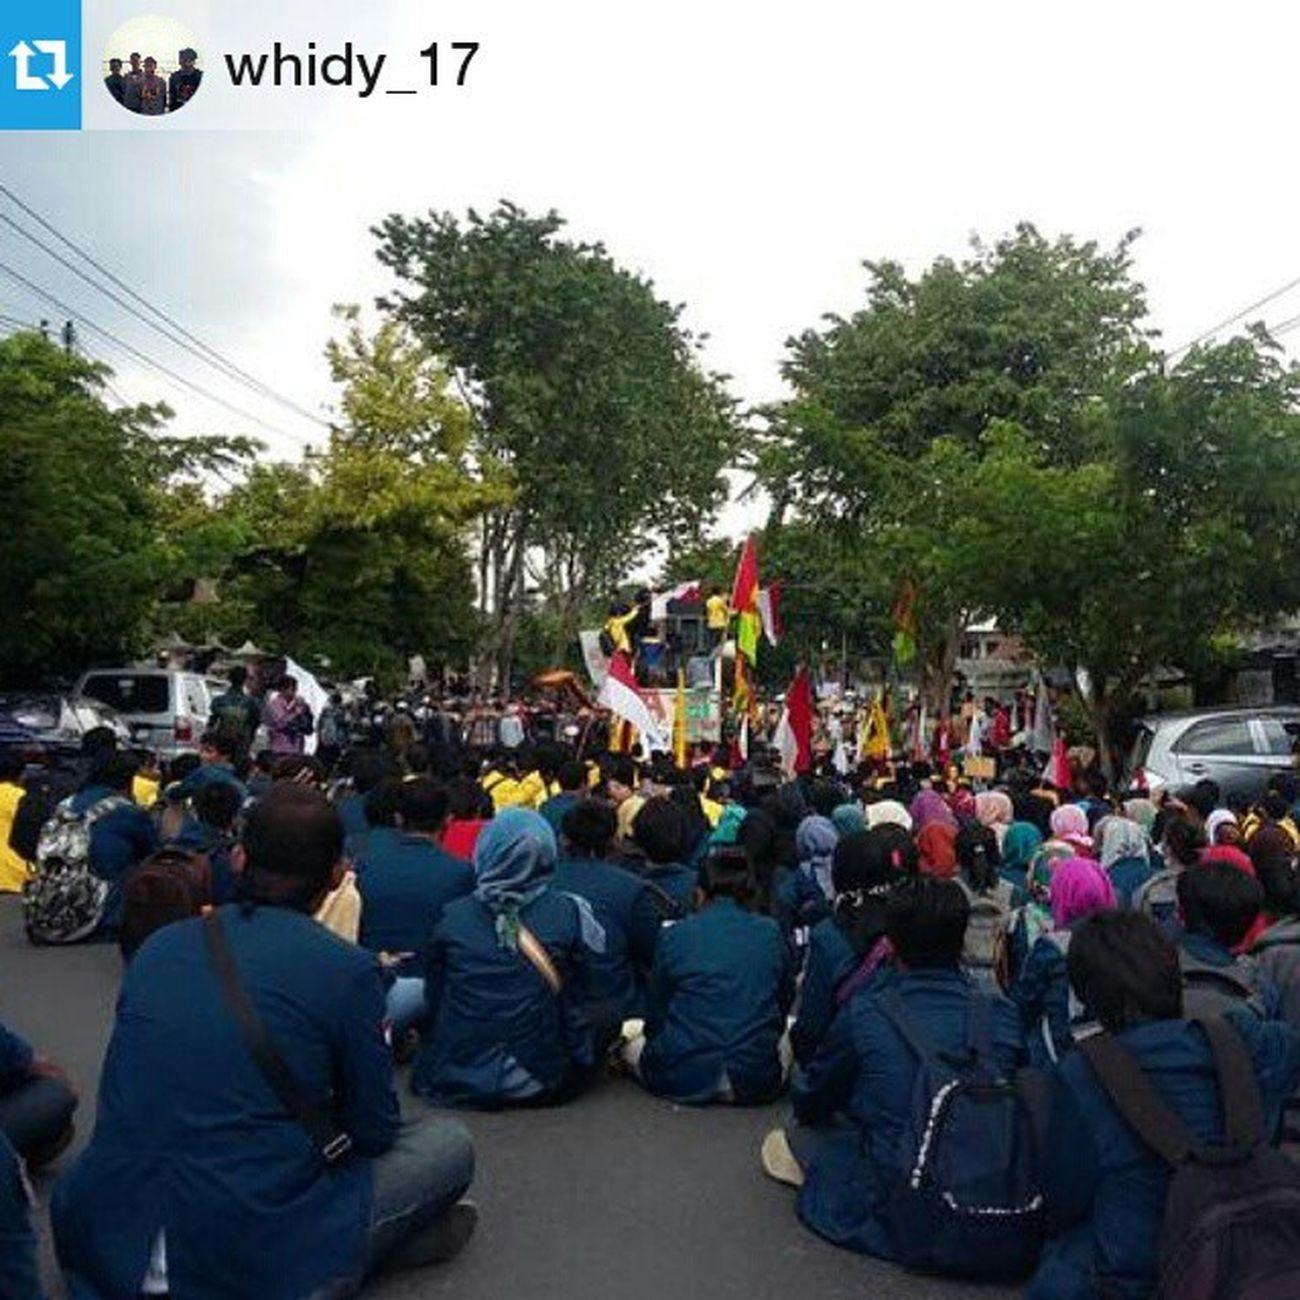 Repost @whidy_17 ・・・ Rembangmelawan !, (Gugatan petani rembang di kalahkan dengan alasan Kadaluarsa! PrayForRembang